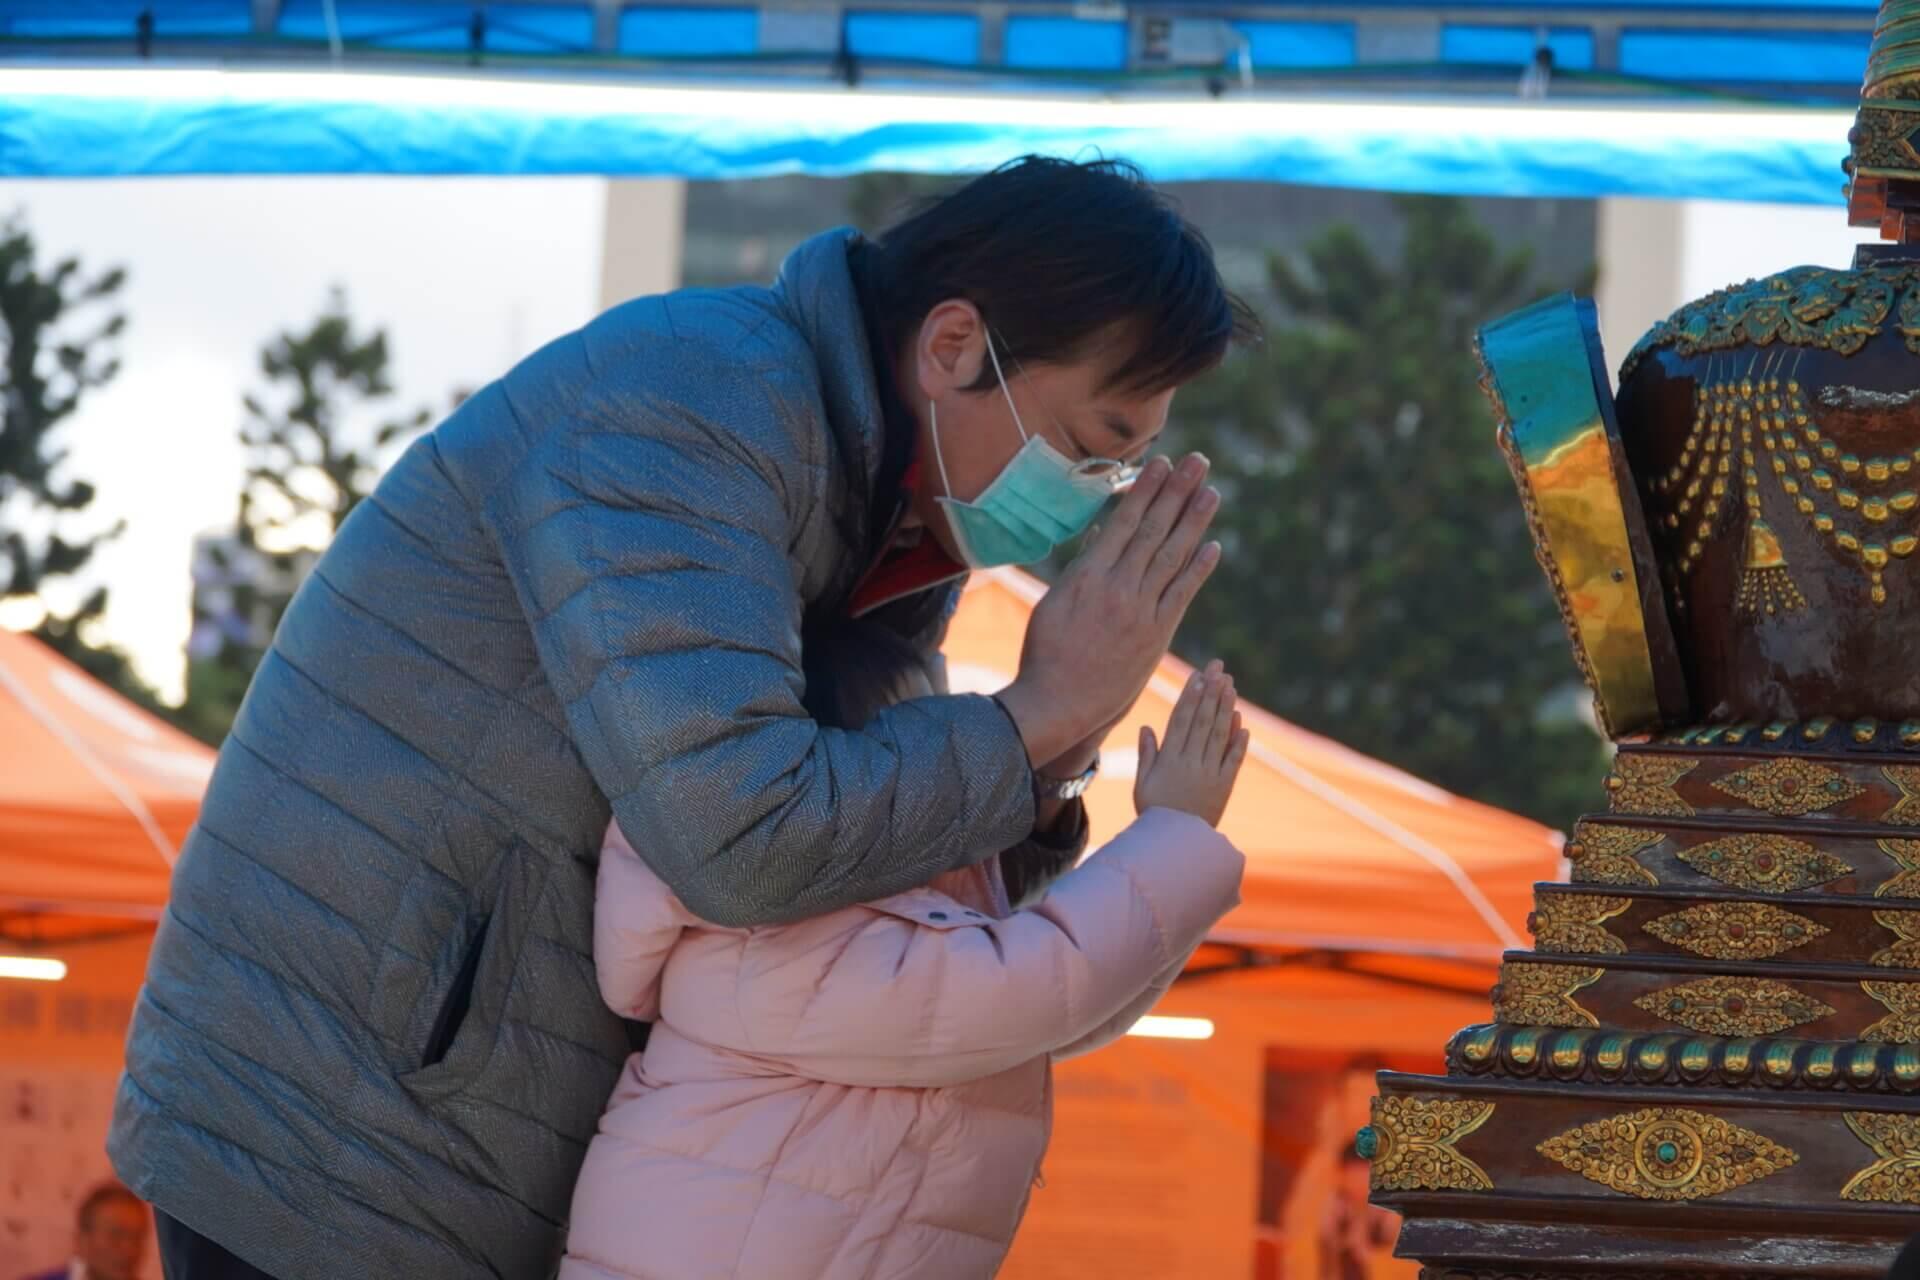 行動佛殿117站台北中正紀念堂,民眾虔誠恭敬合掌瞻禮佛陀舍利